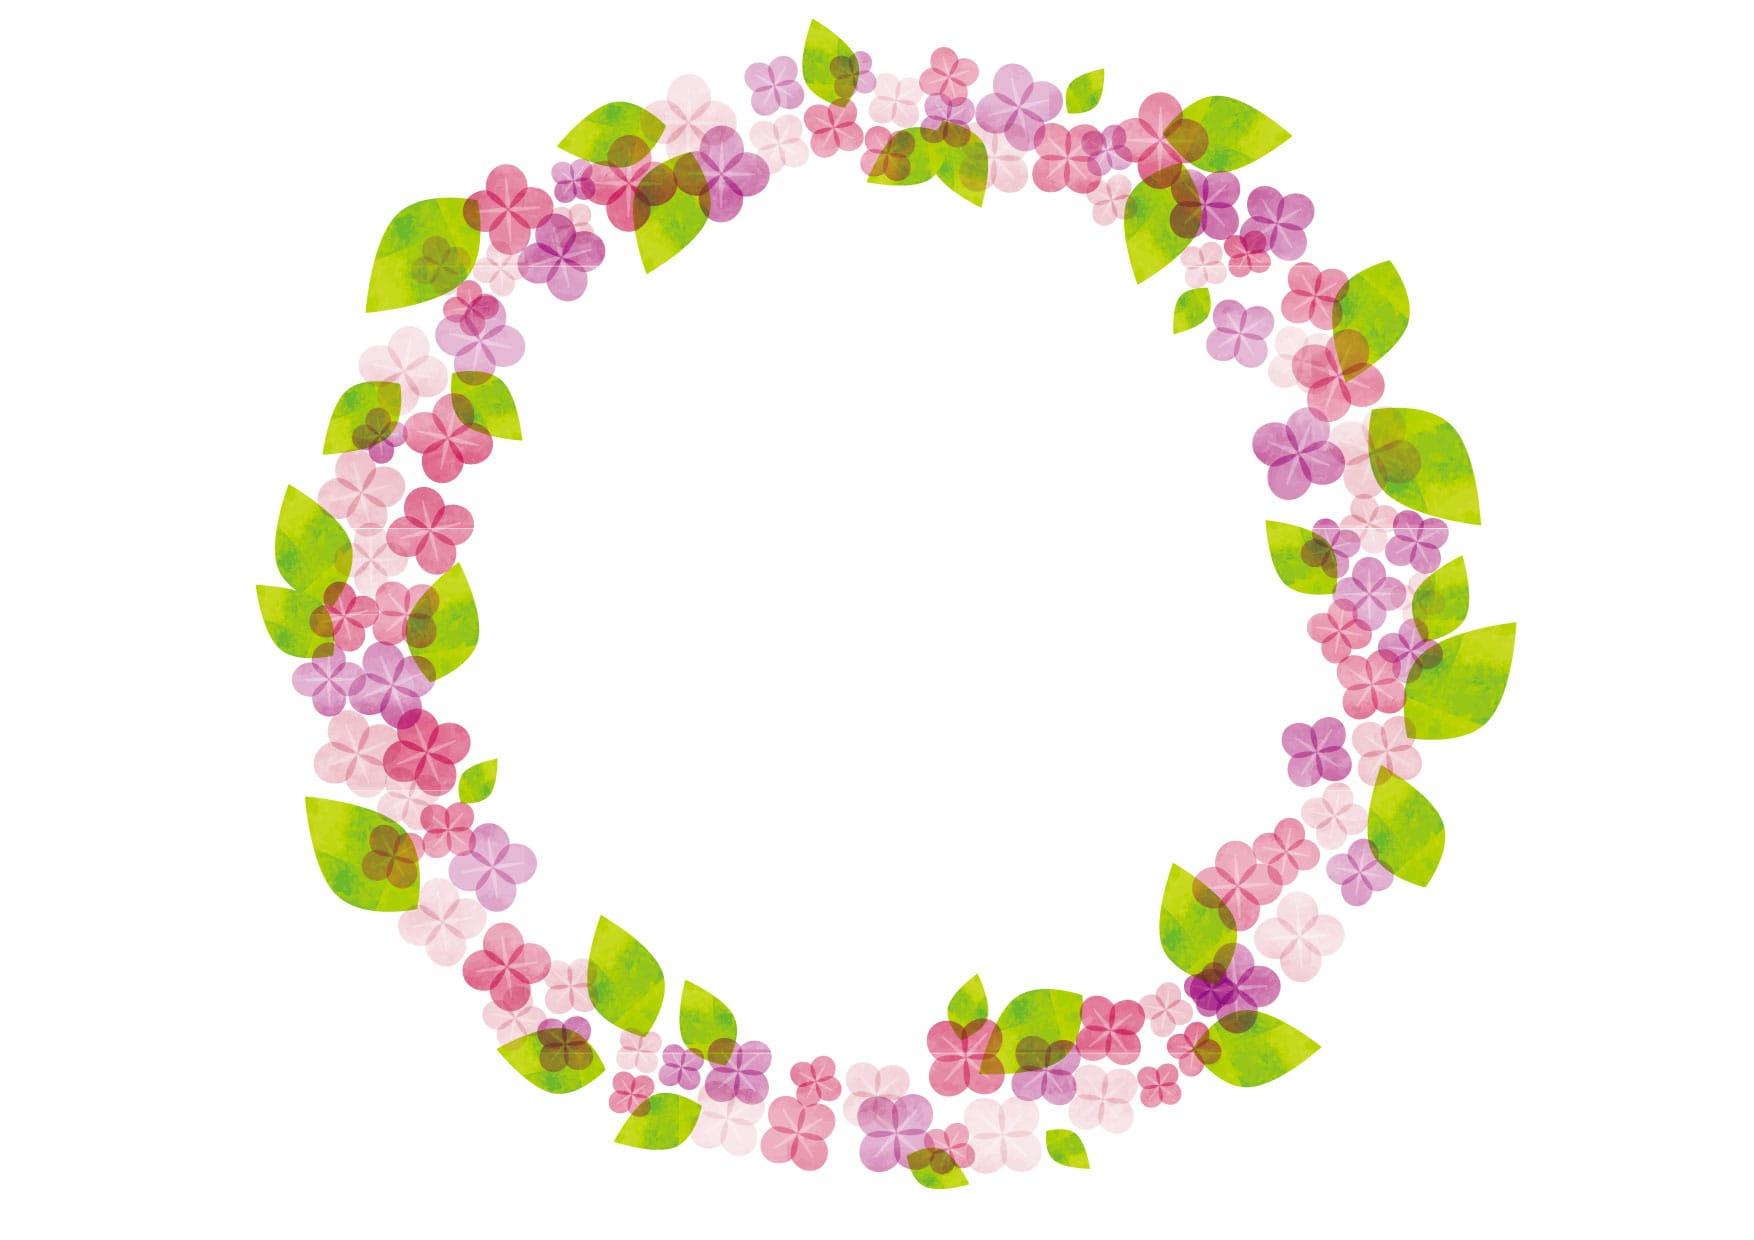 可愛いイラスト無料|あじさい 水彩 ピンク色 円フレーム − free illustration  Hydrangea watercolor pink circle frame